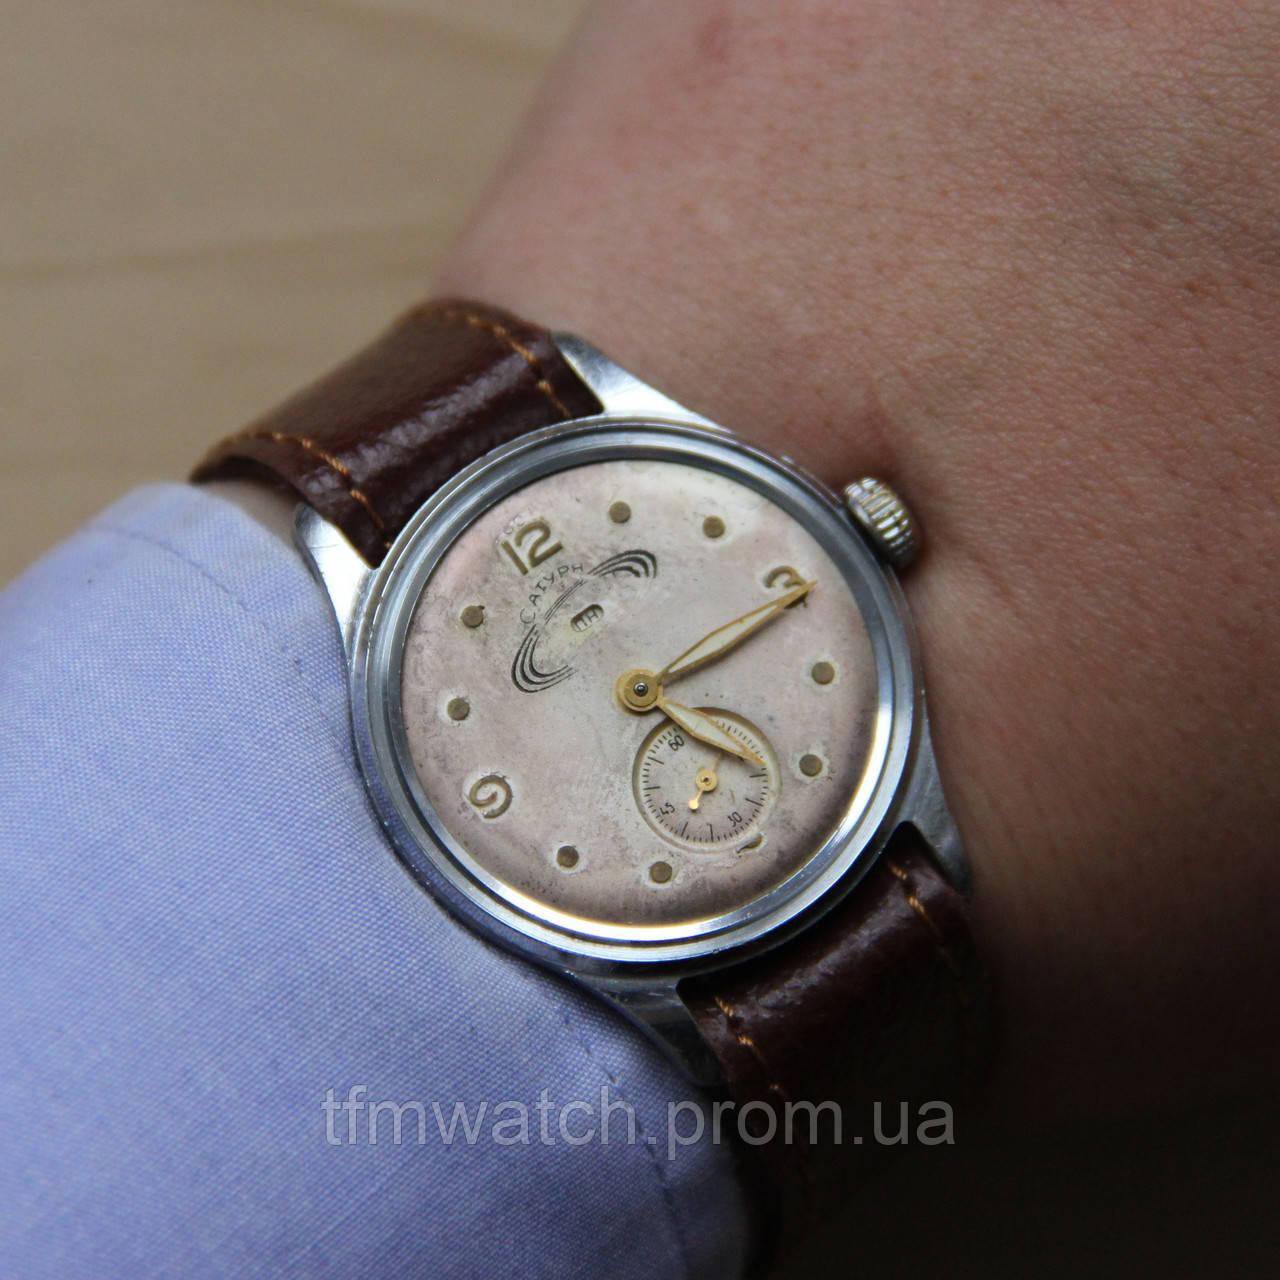 Часы сатурн наручные часы наручные онлайн заказ